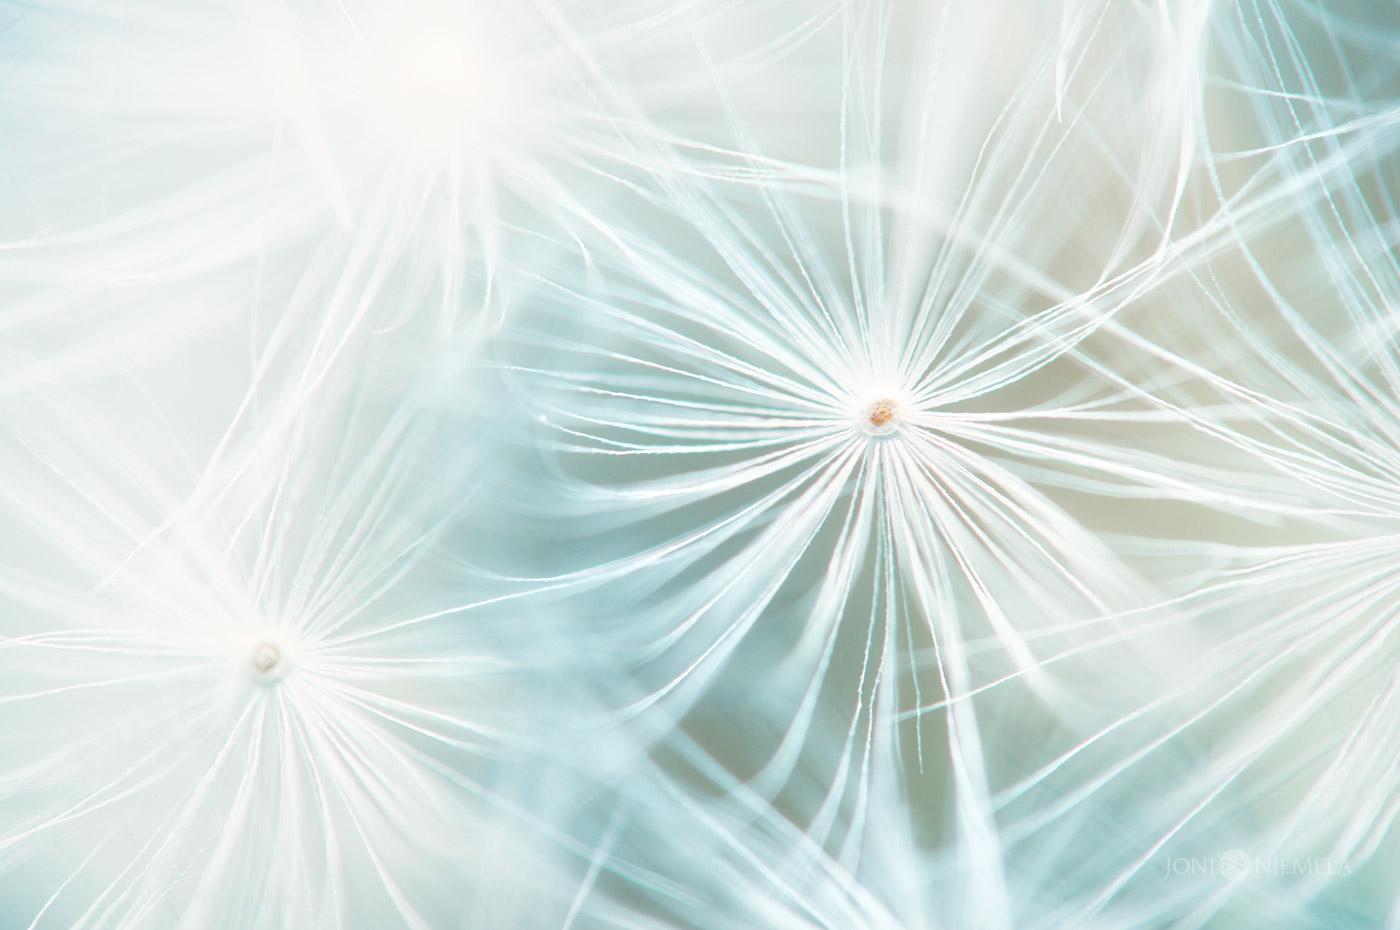 Семена / фото Joni Niemelä